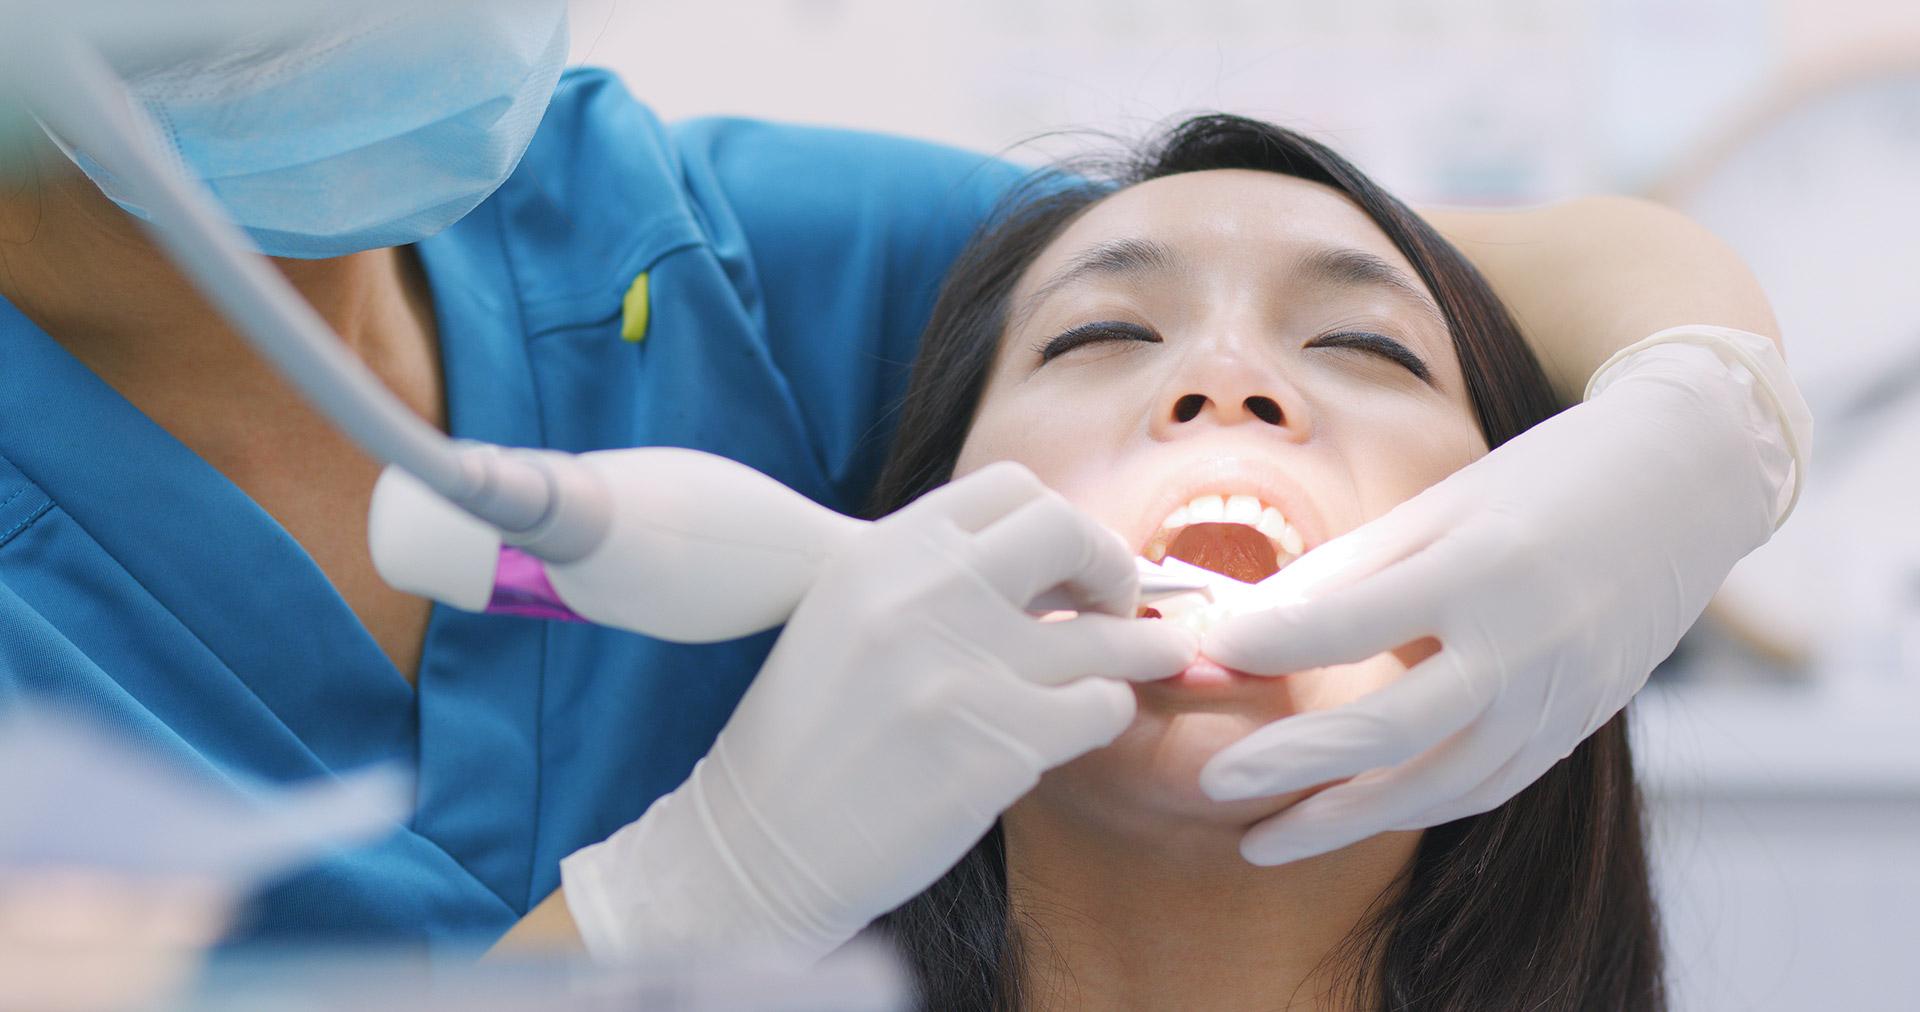 牙周病症狀淺談:您有牙齦發炎膿包等狀況嗎?千萬要當心!